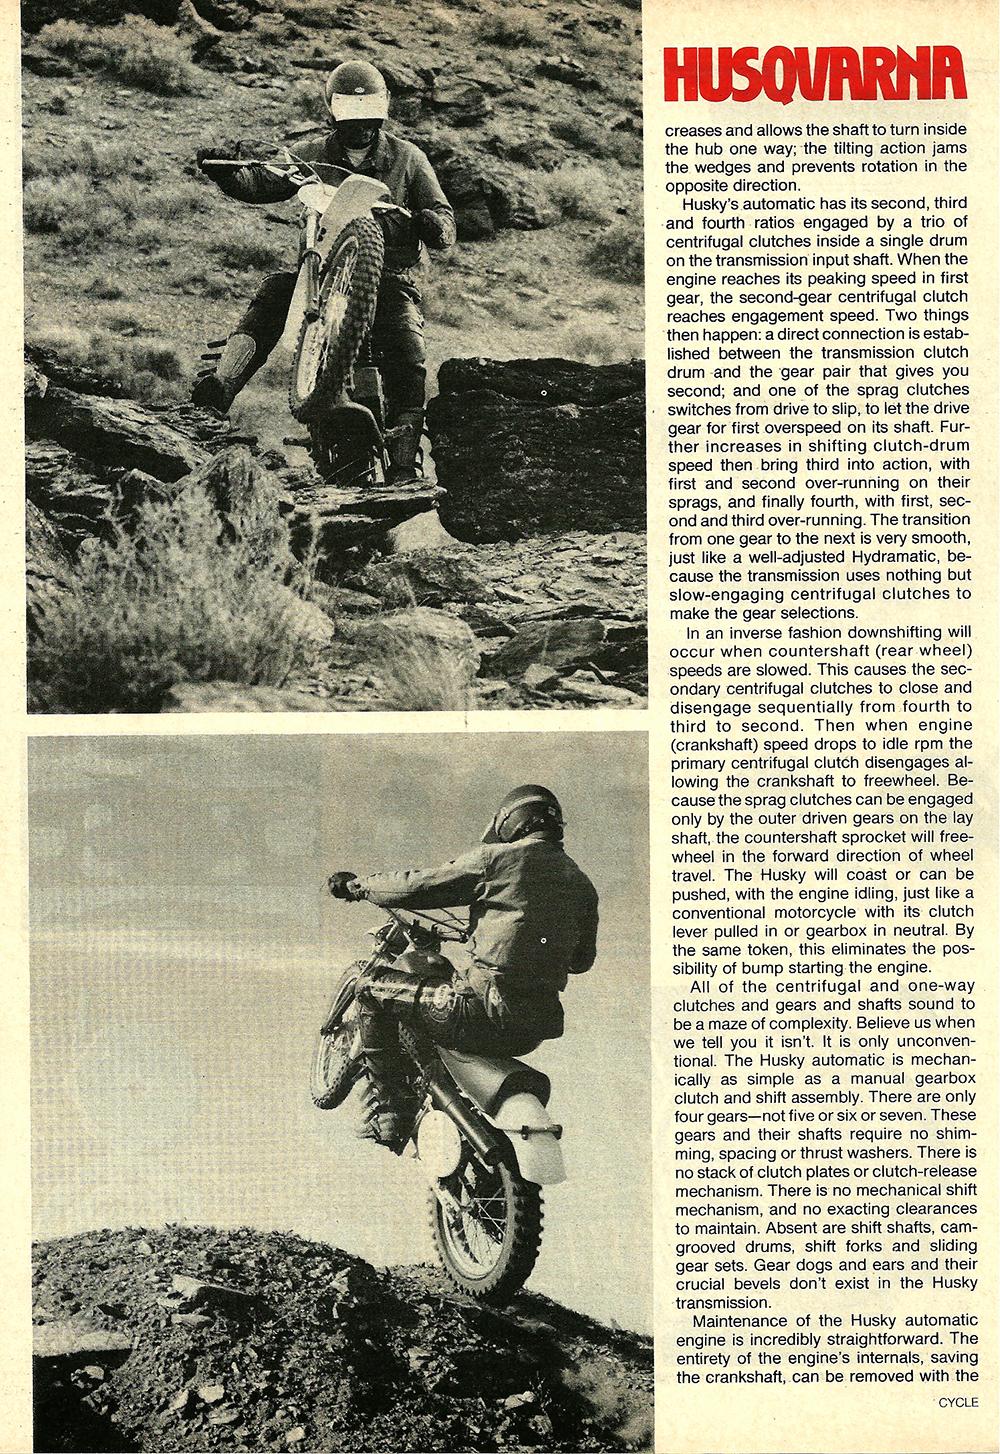 1977 Husqvarna Automatic 360 road test 5.jpg